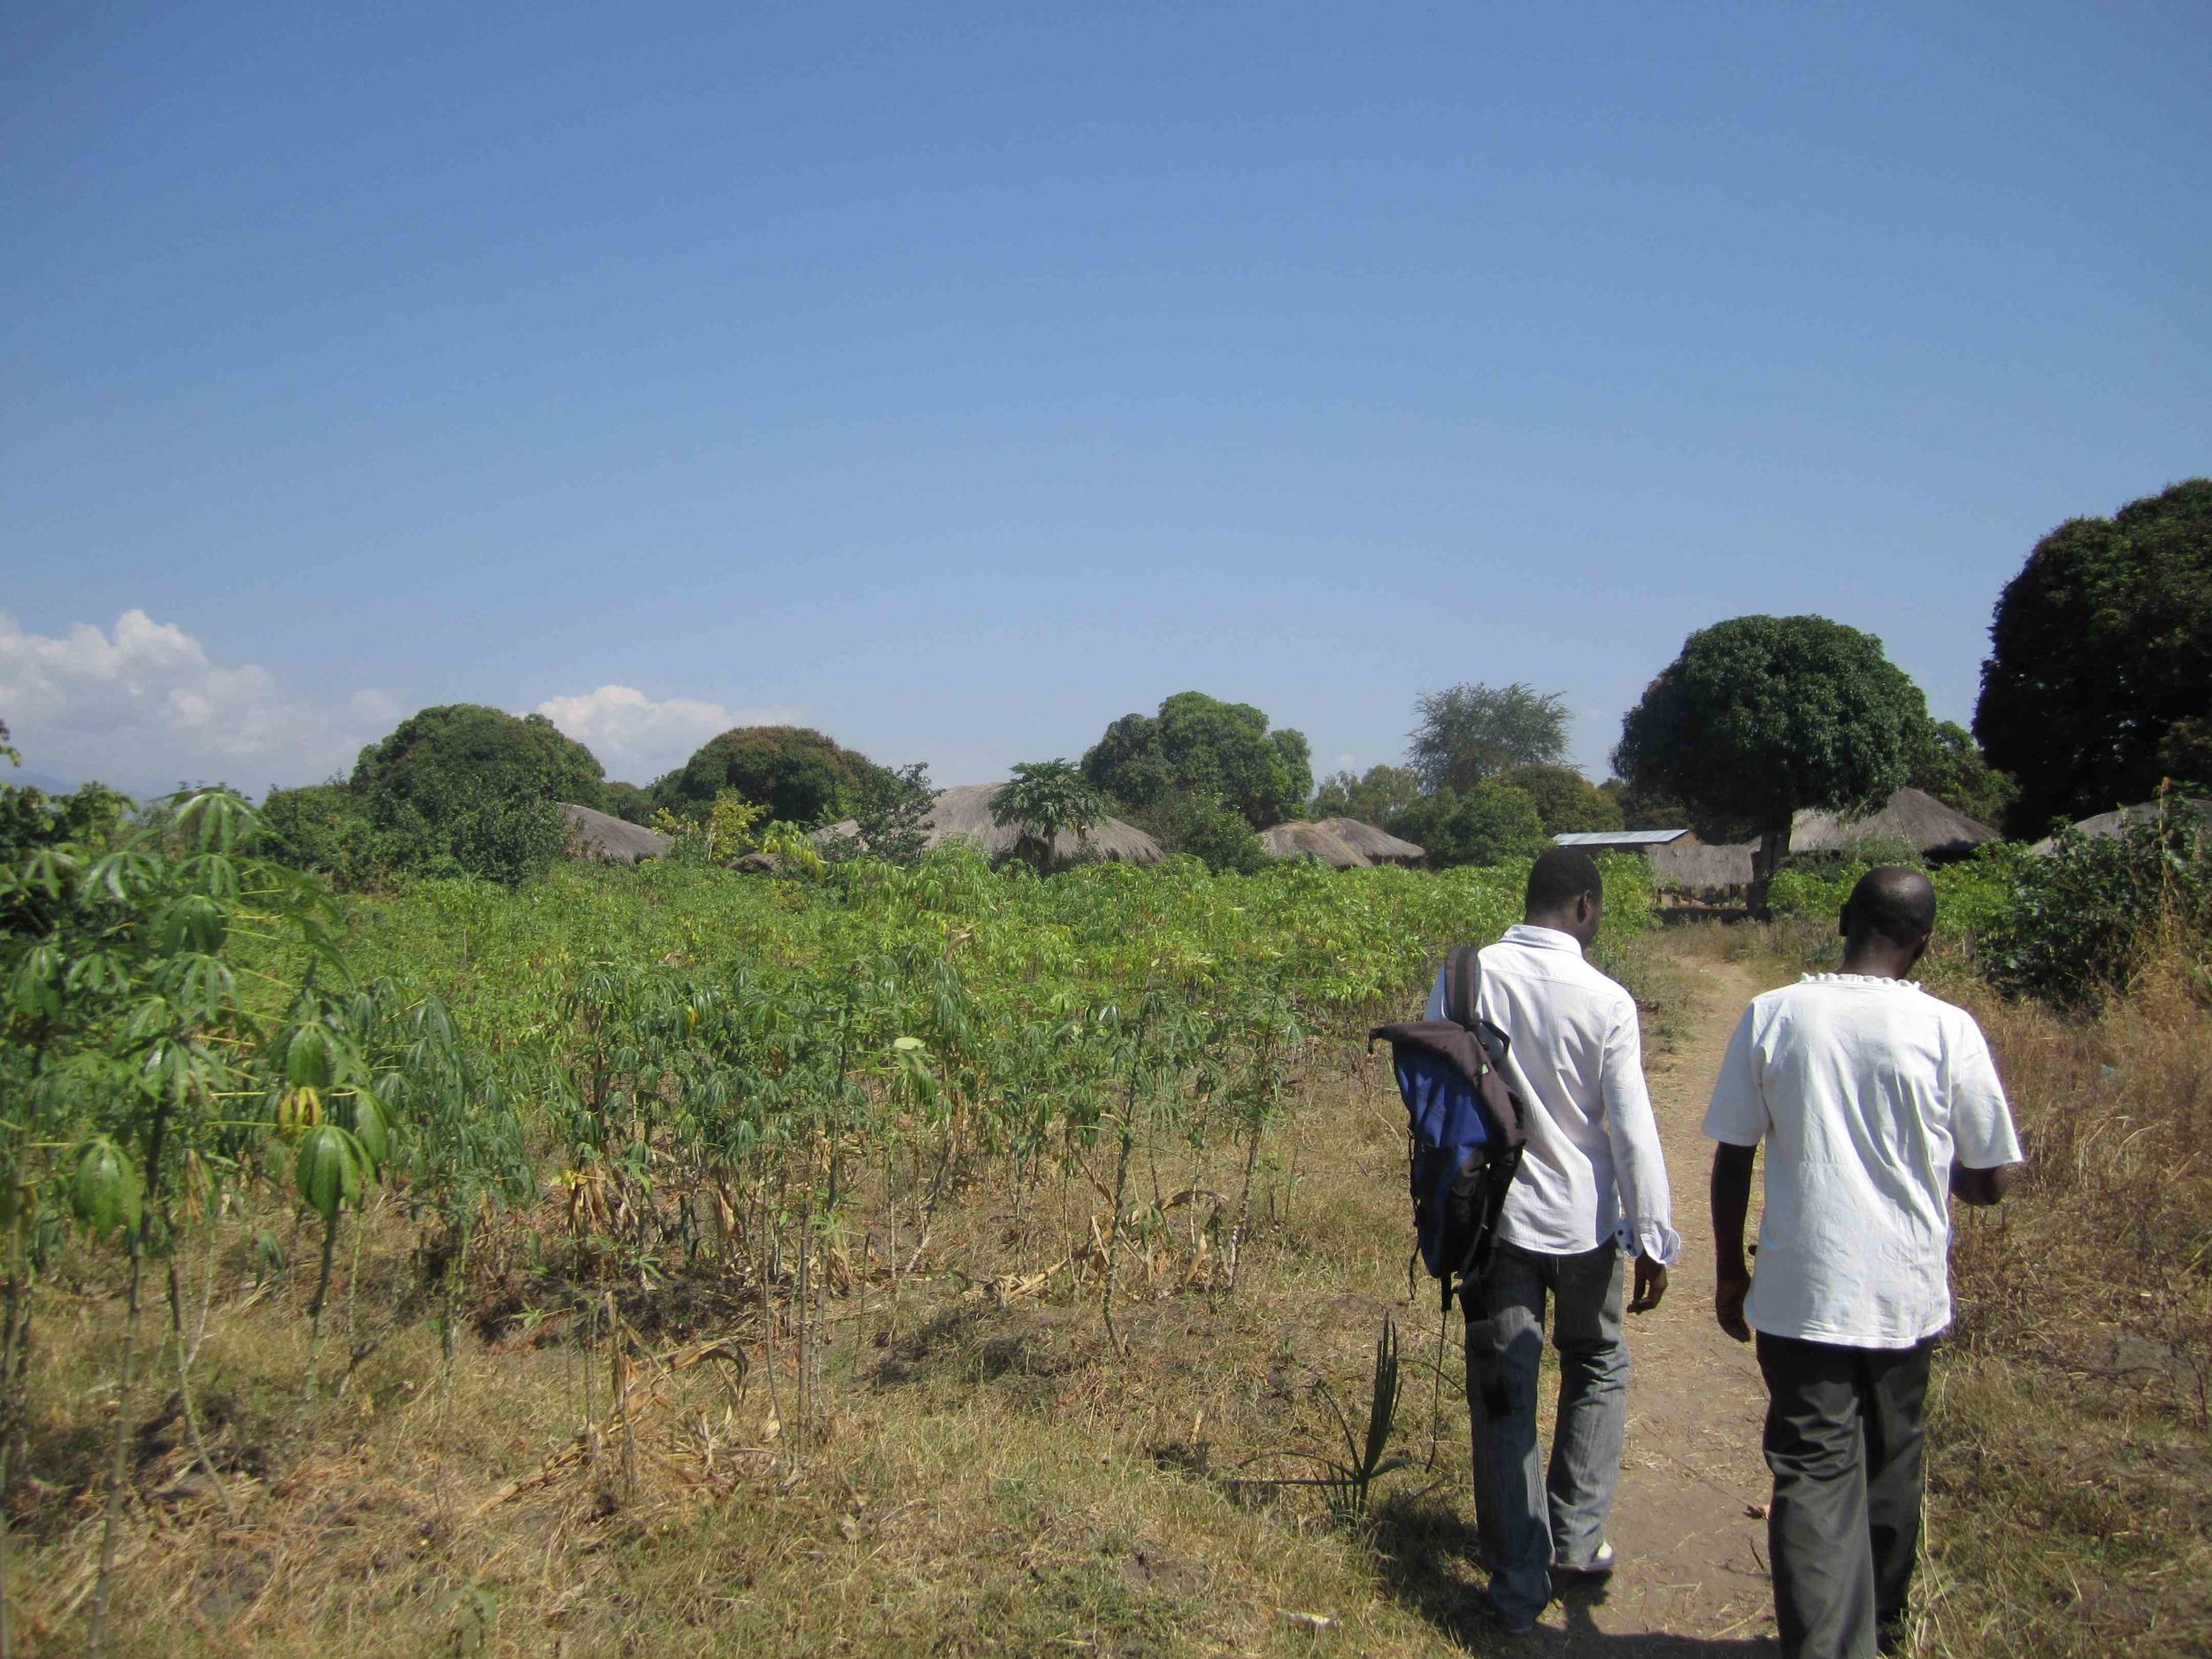 fieldwork in Karonga District, Malawi